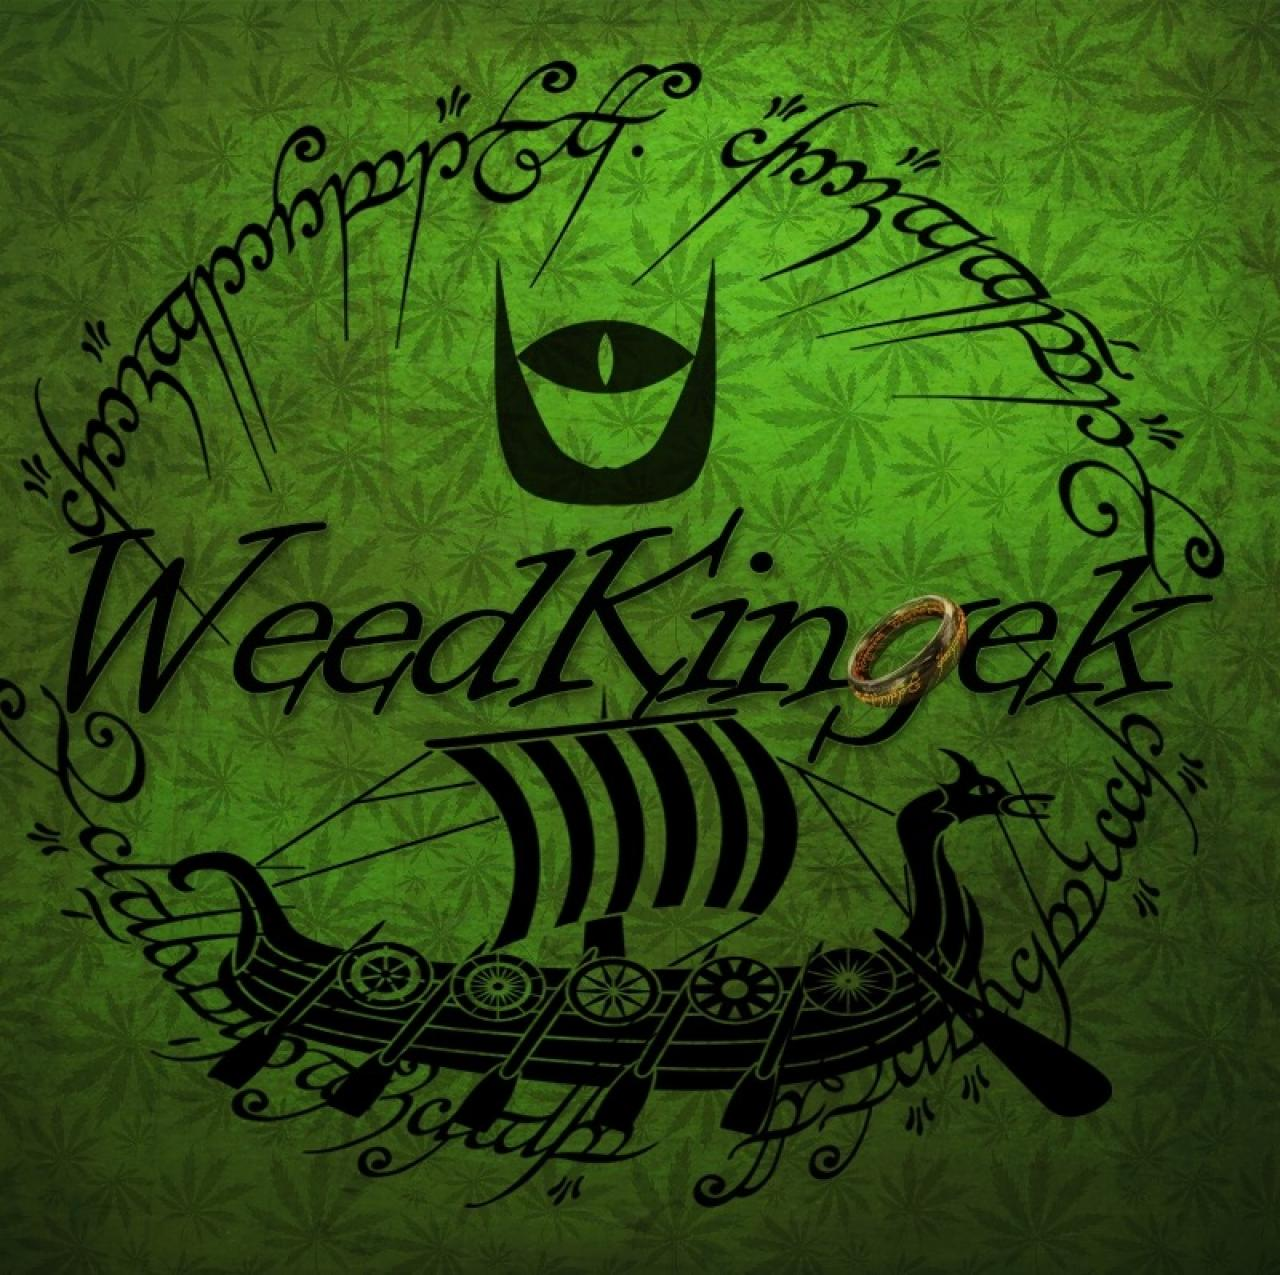 WeedKingek